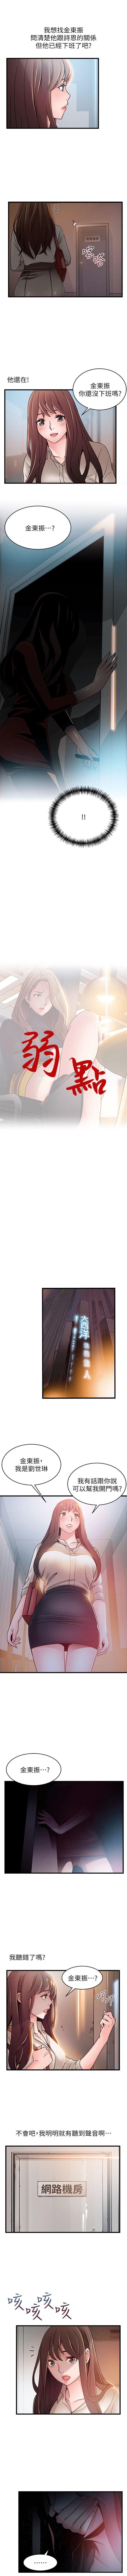 (周7)弱点 1-66 中文翻译(更新中) 341